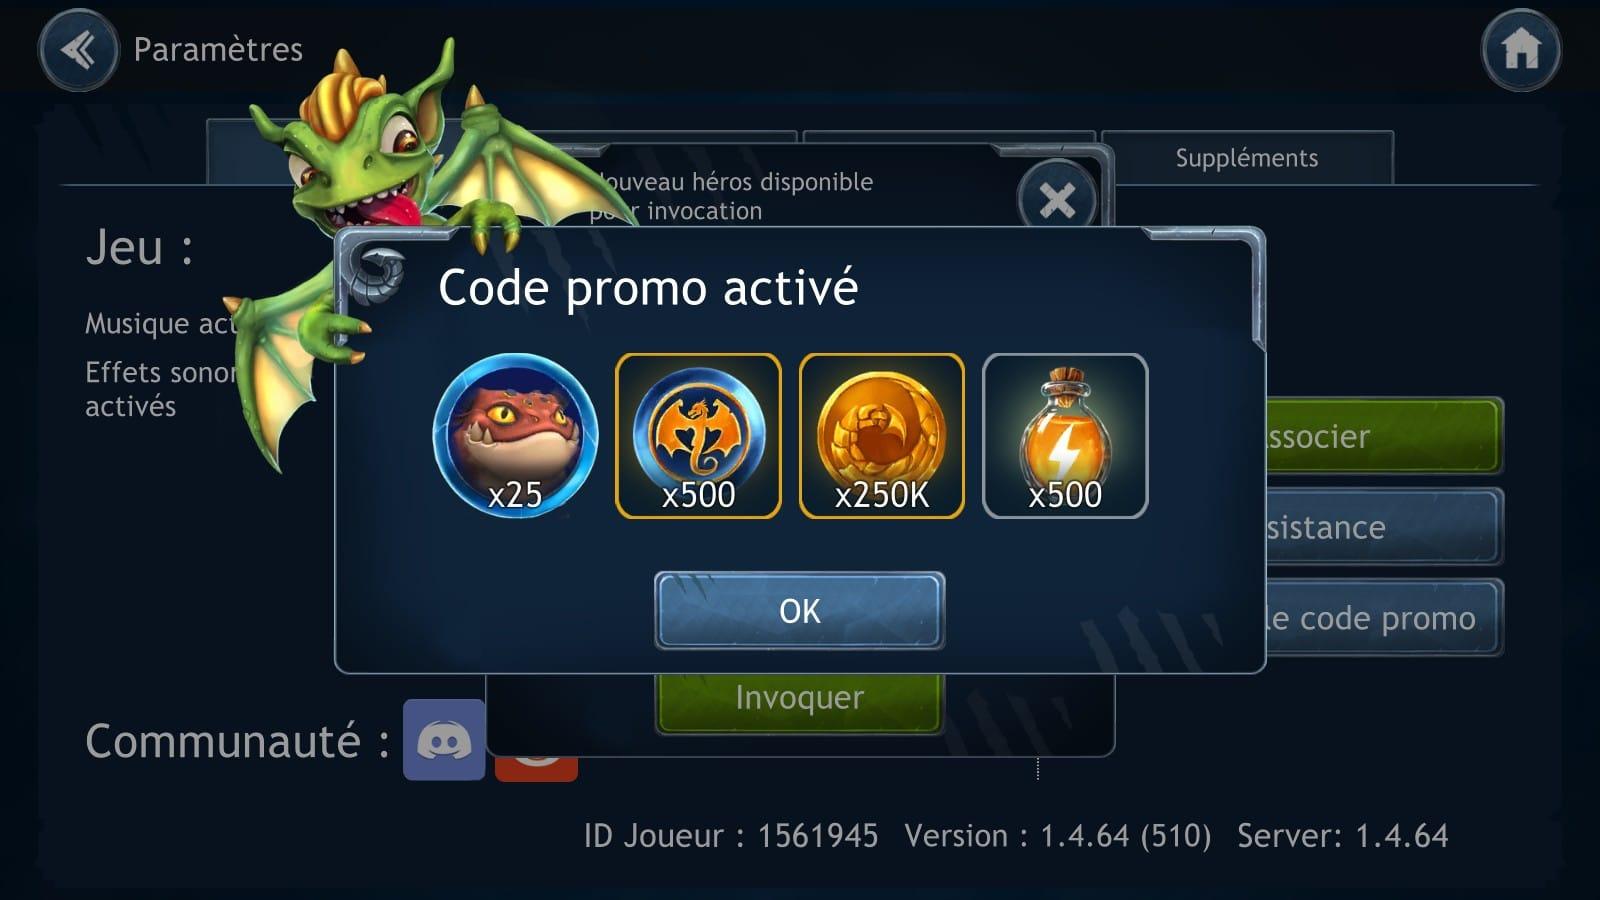 code promo activé